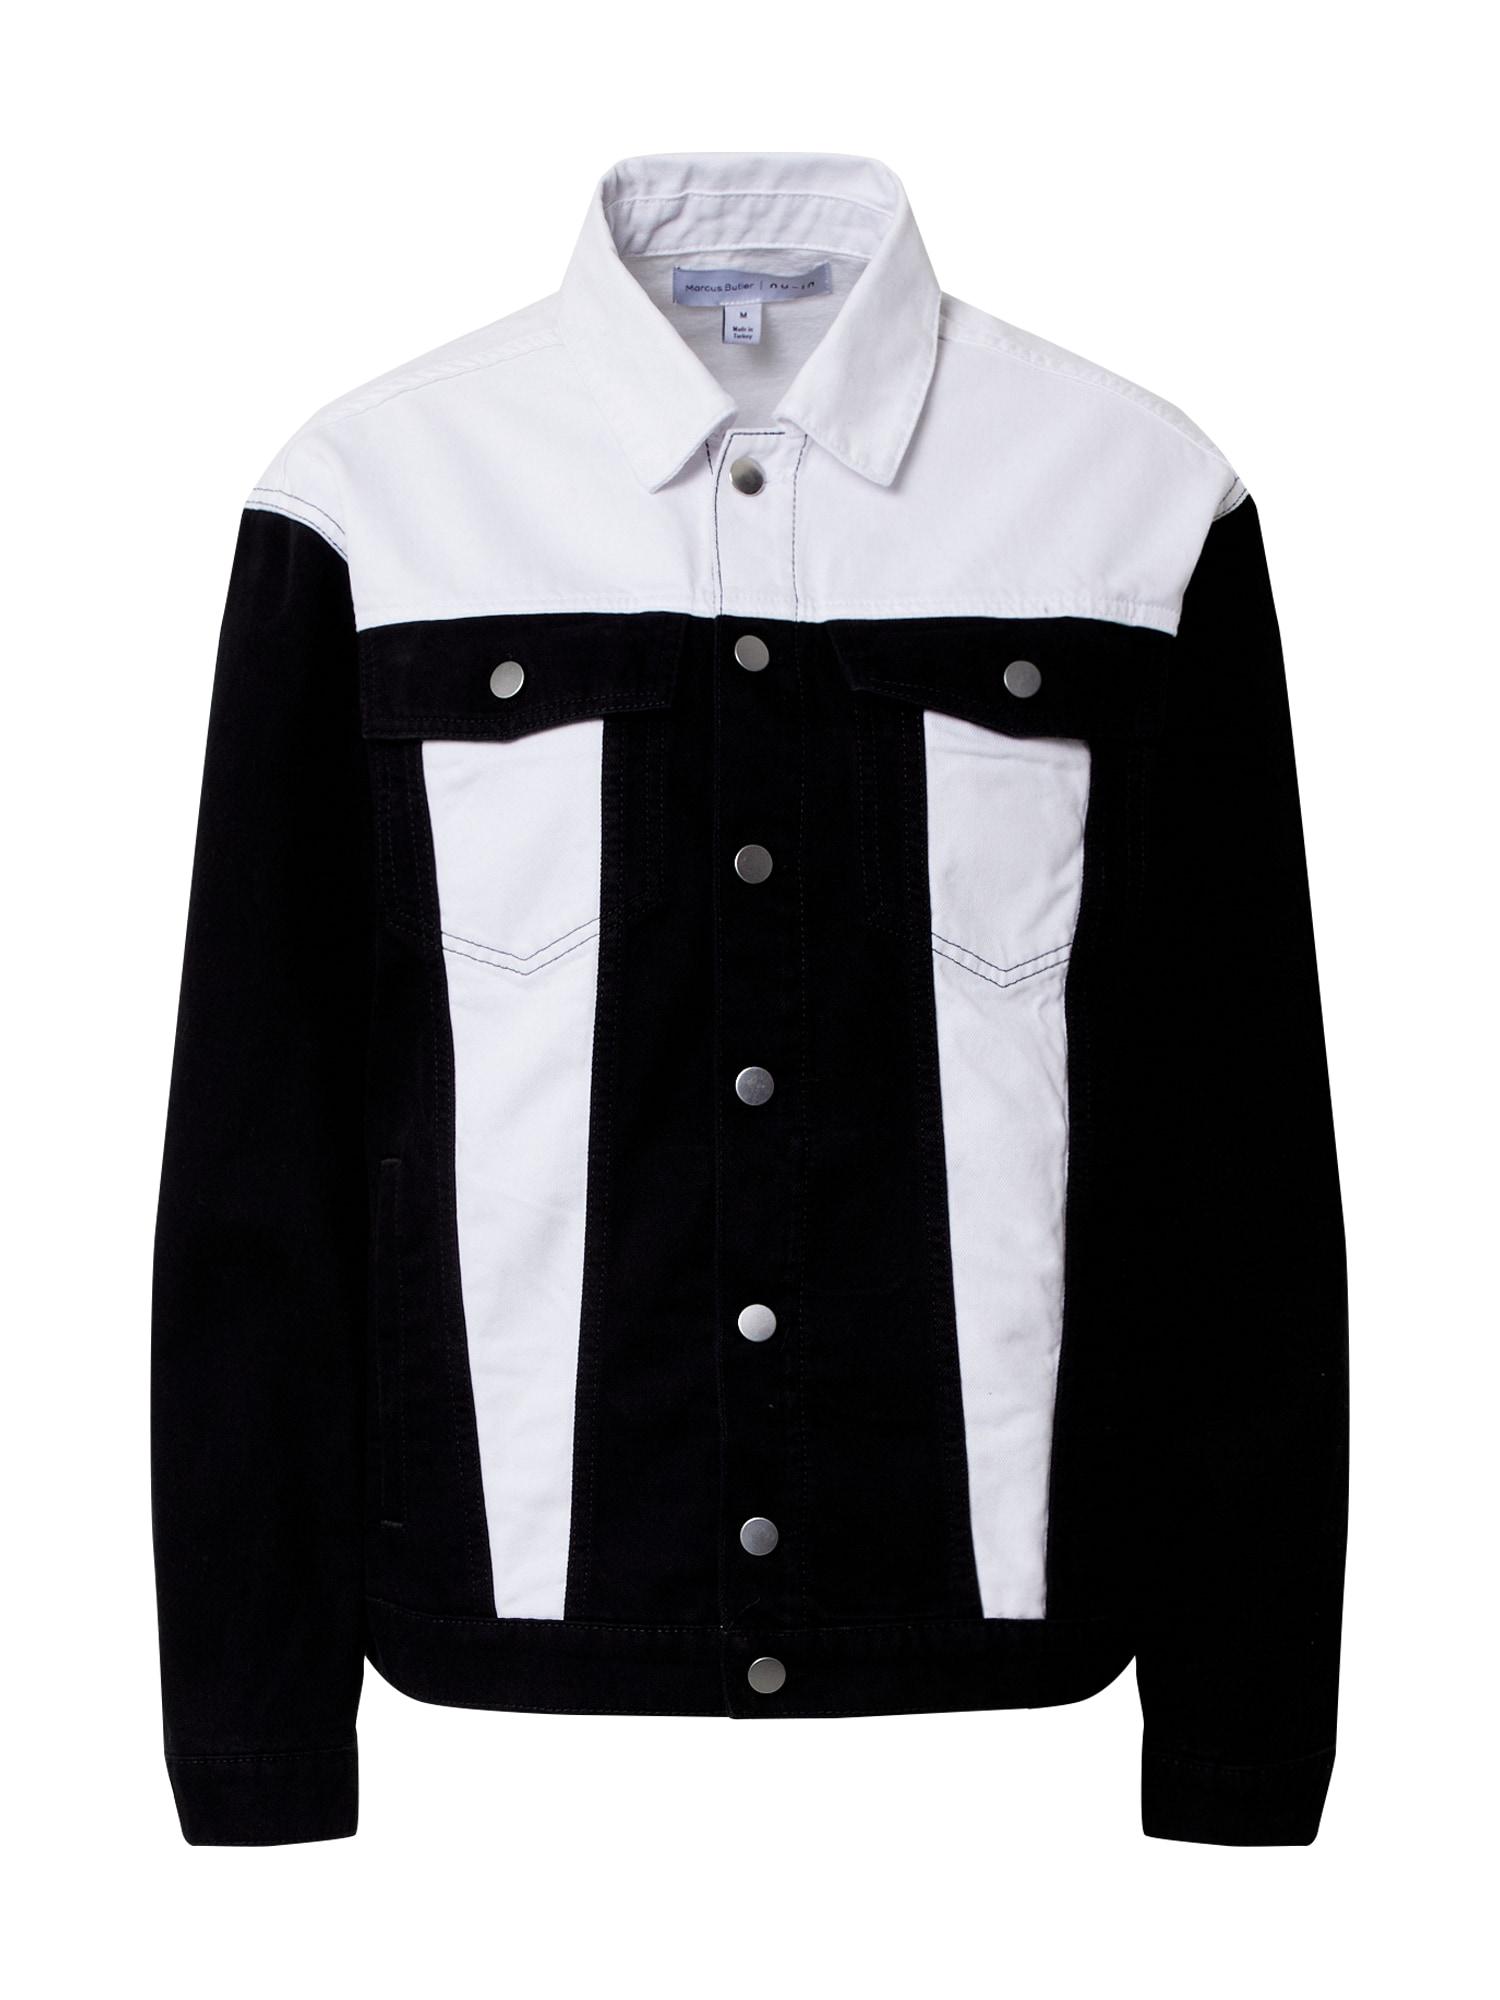 NU-IN Demisezoninė striukė juodo džinso spalva / balto džinso spalva